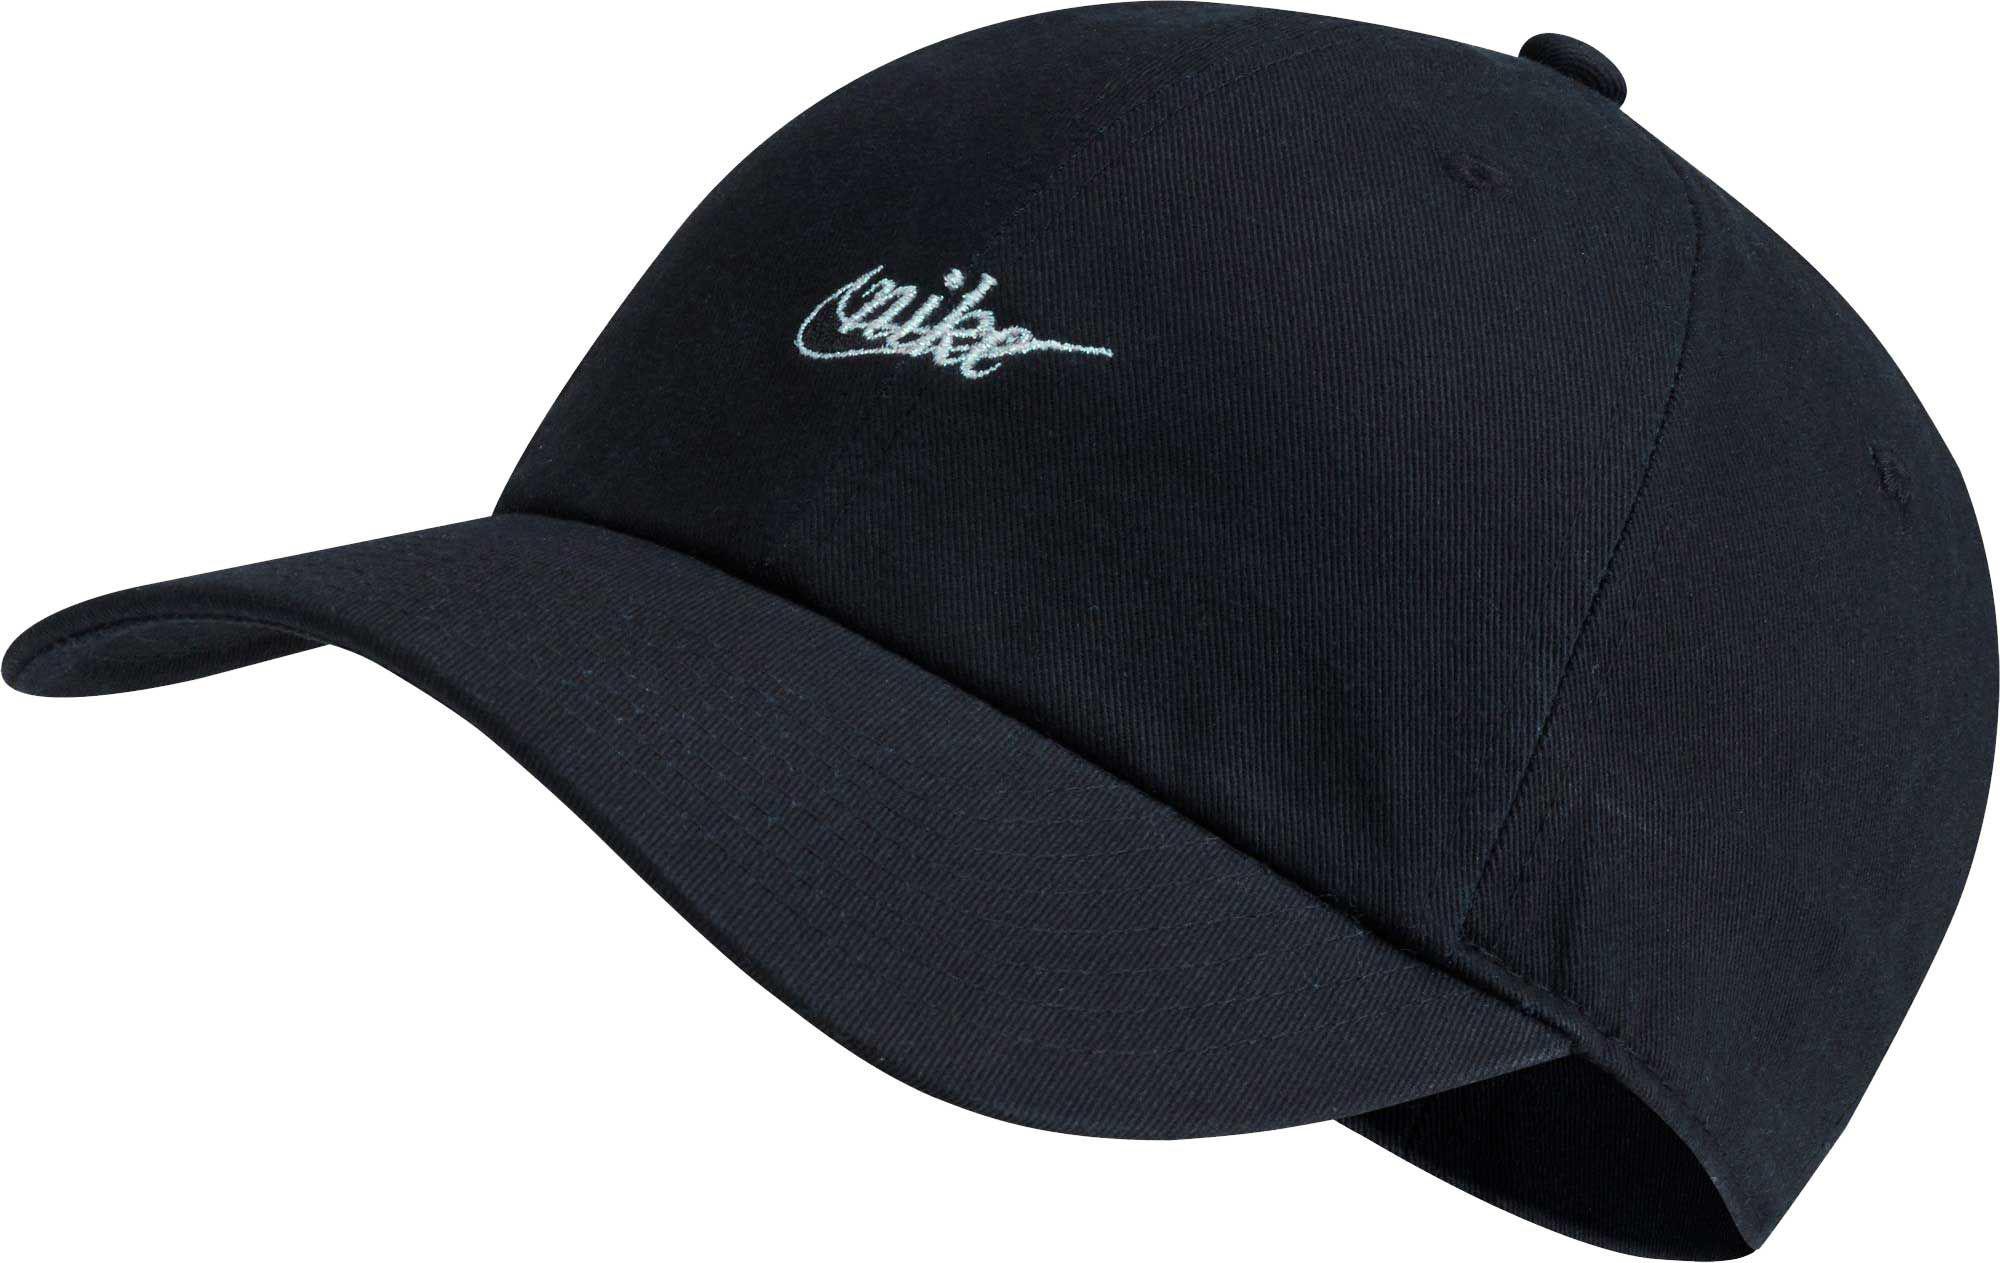 huge discount 3b10a 12df3 Nike Sportswear Script H86 Hat in Black - Lyst